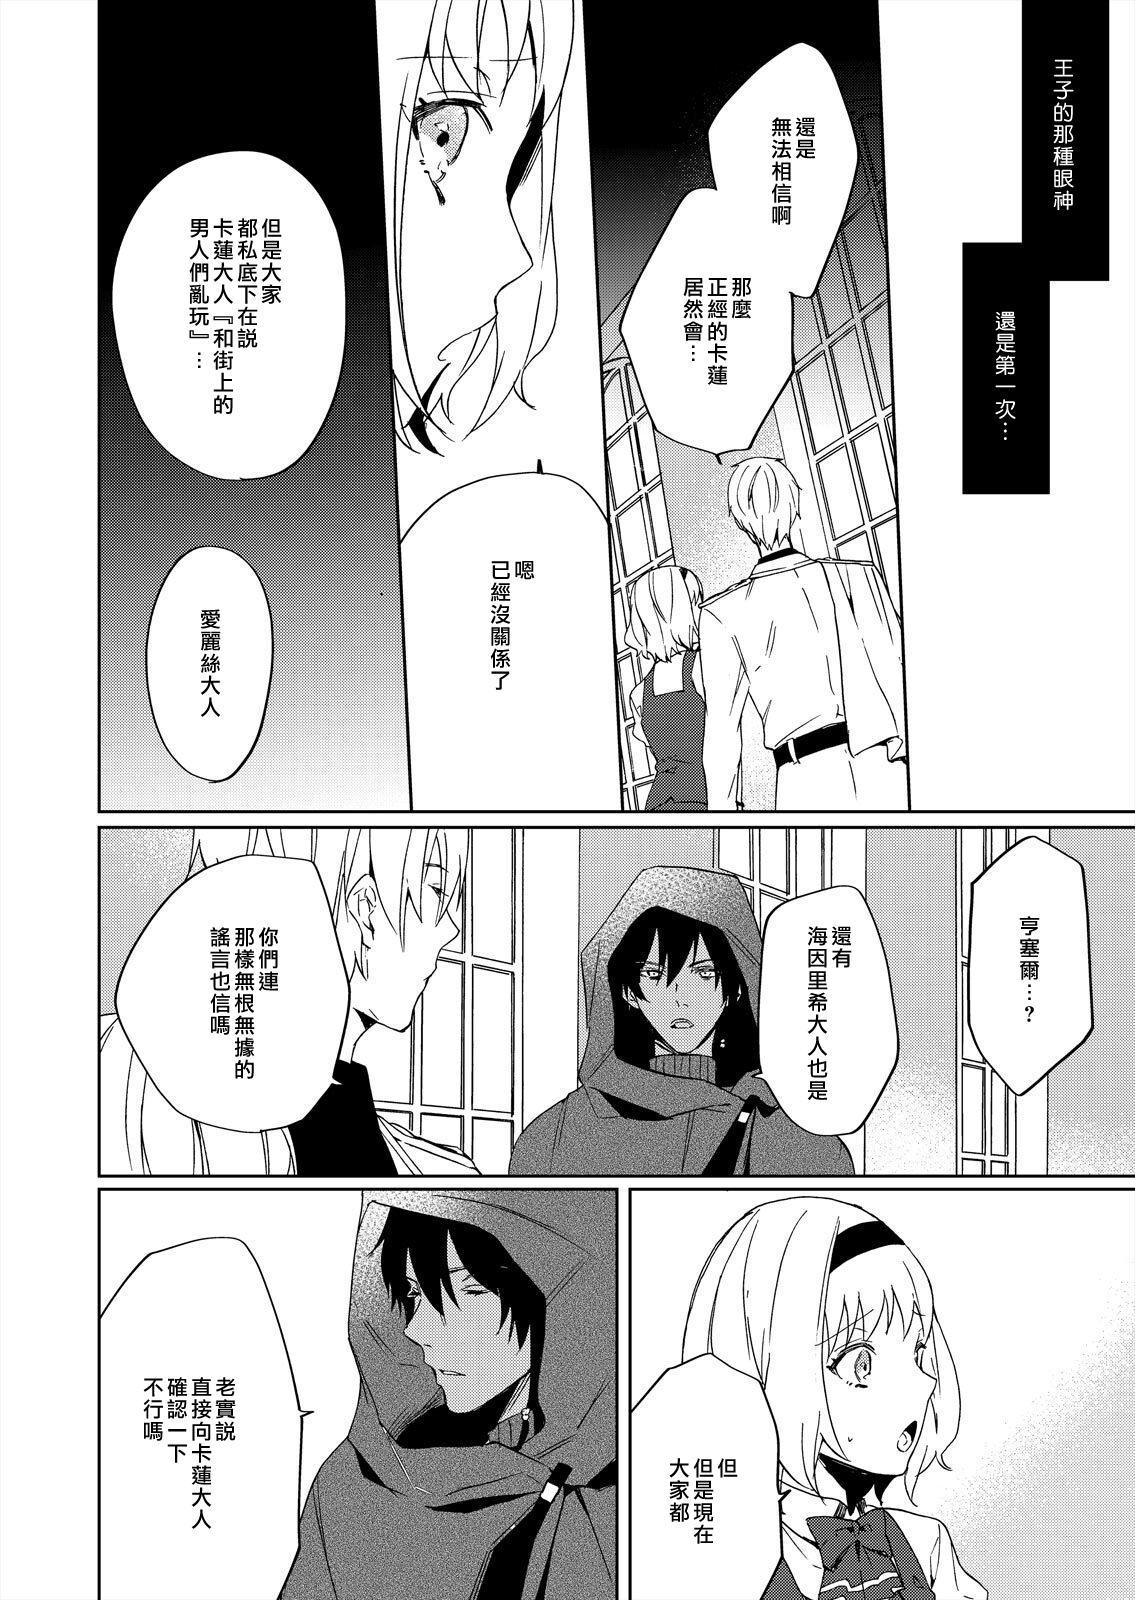 [Yuzushiwo] Akuyaku Reijou wa Ichizu ni Dekiai sarete ~Noumitsu Sex no Aite wa Juuboku~ | 被疯狂溺爱的反派大小姐~浓密性爱对象是仆从~ 1-4 [Chinese] [莉赛特汉化组] 66